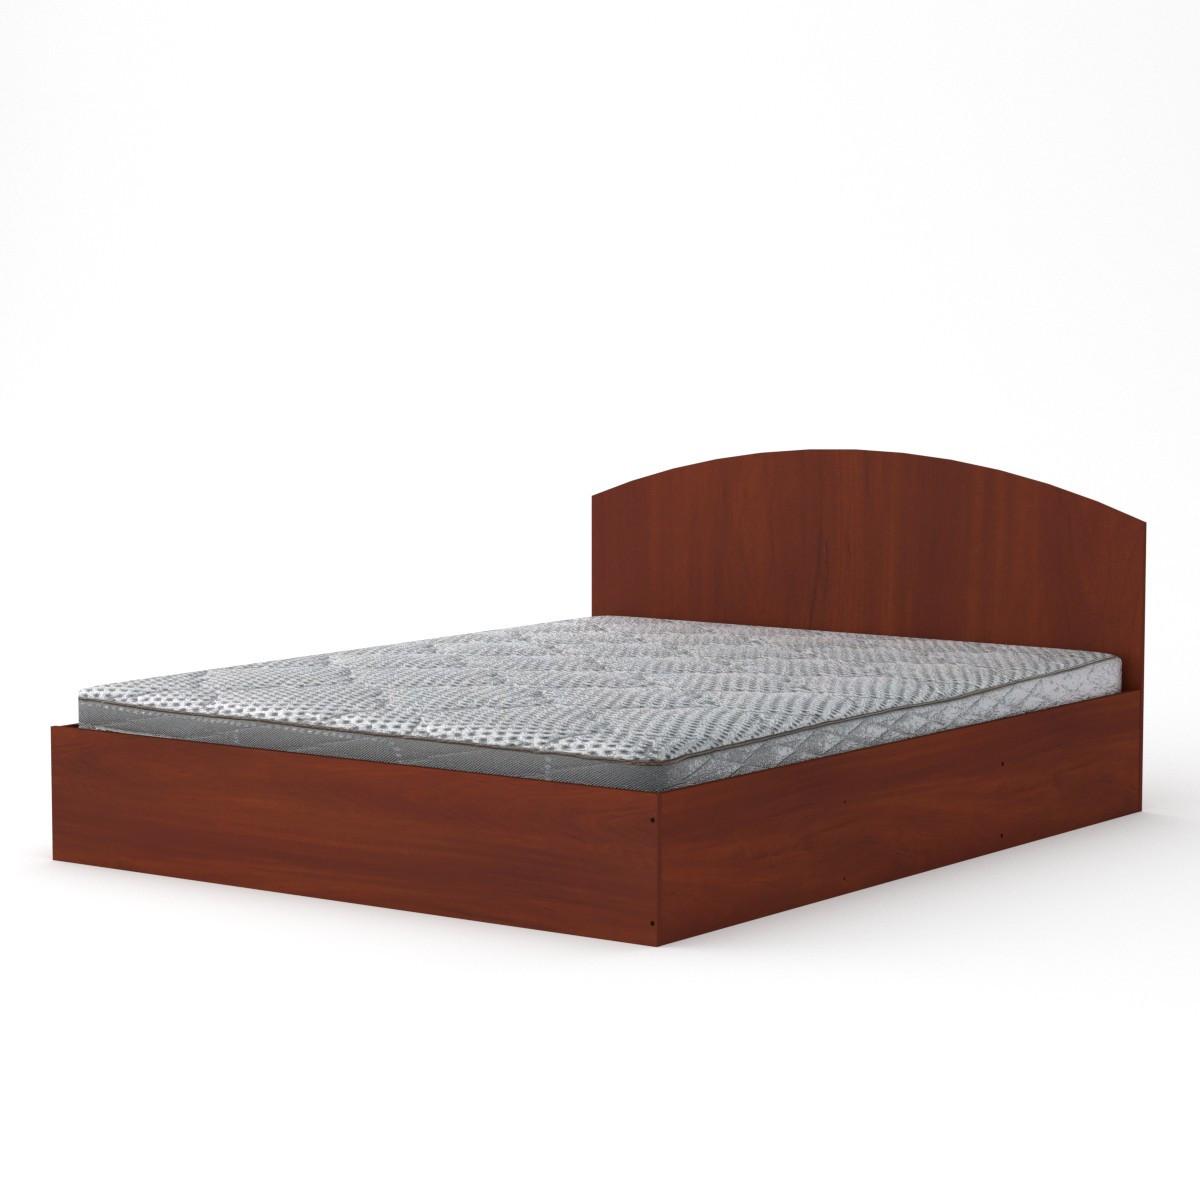 Кровать с матрасом 140 яблоня Компанит (144х202х75 см)